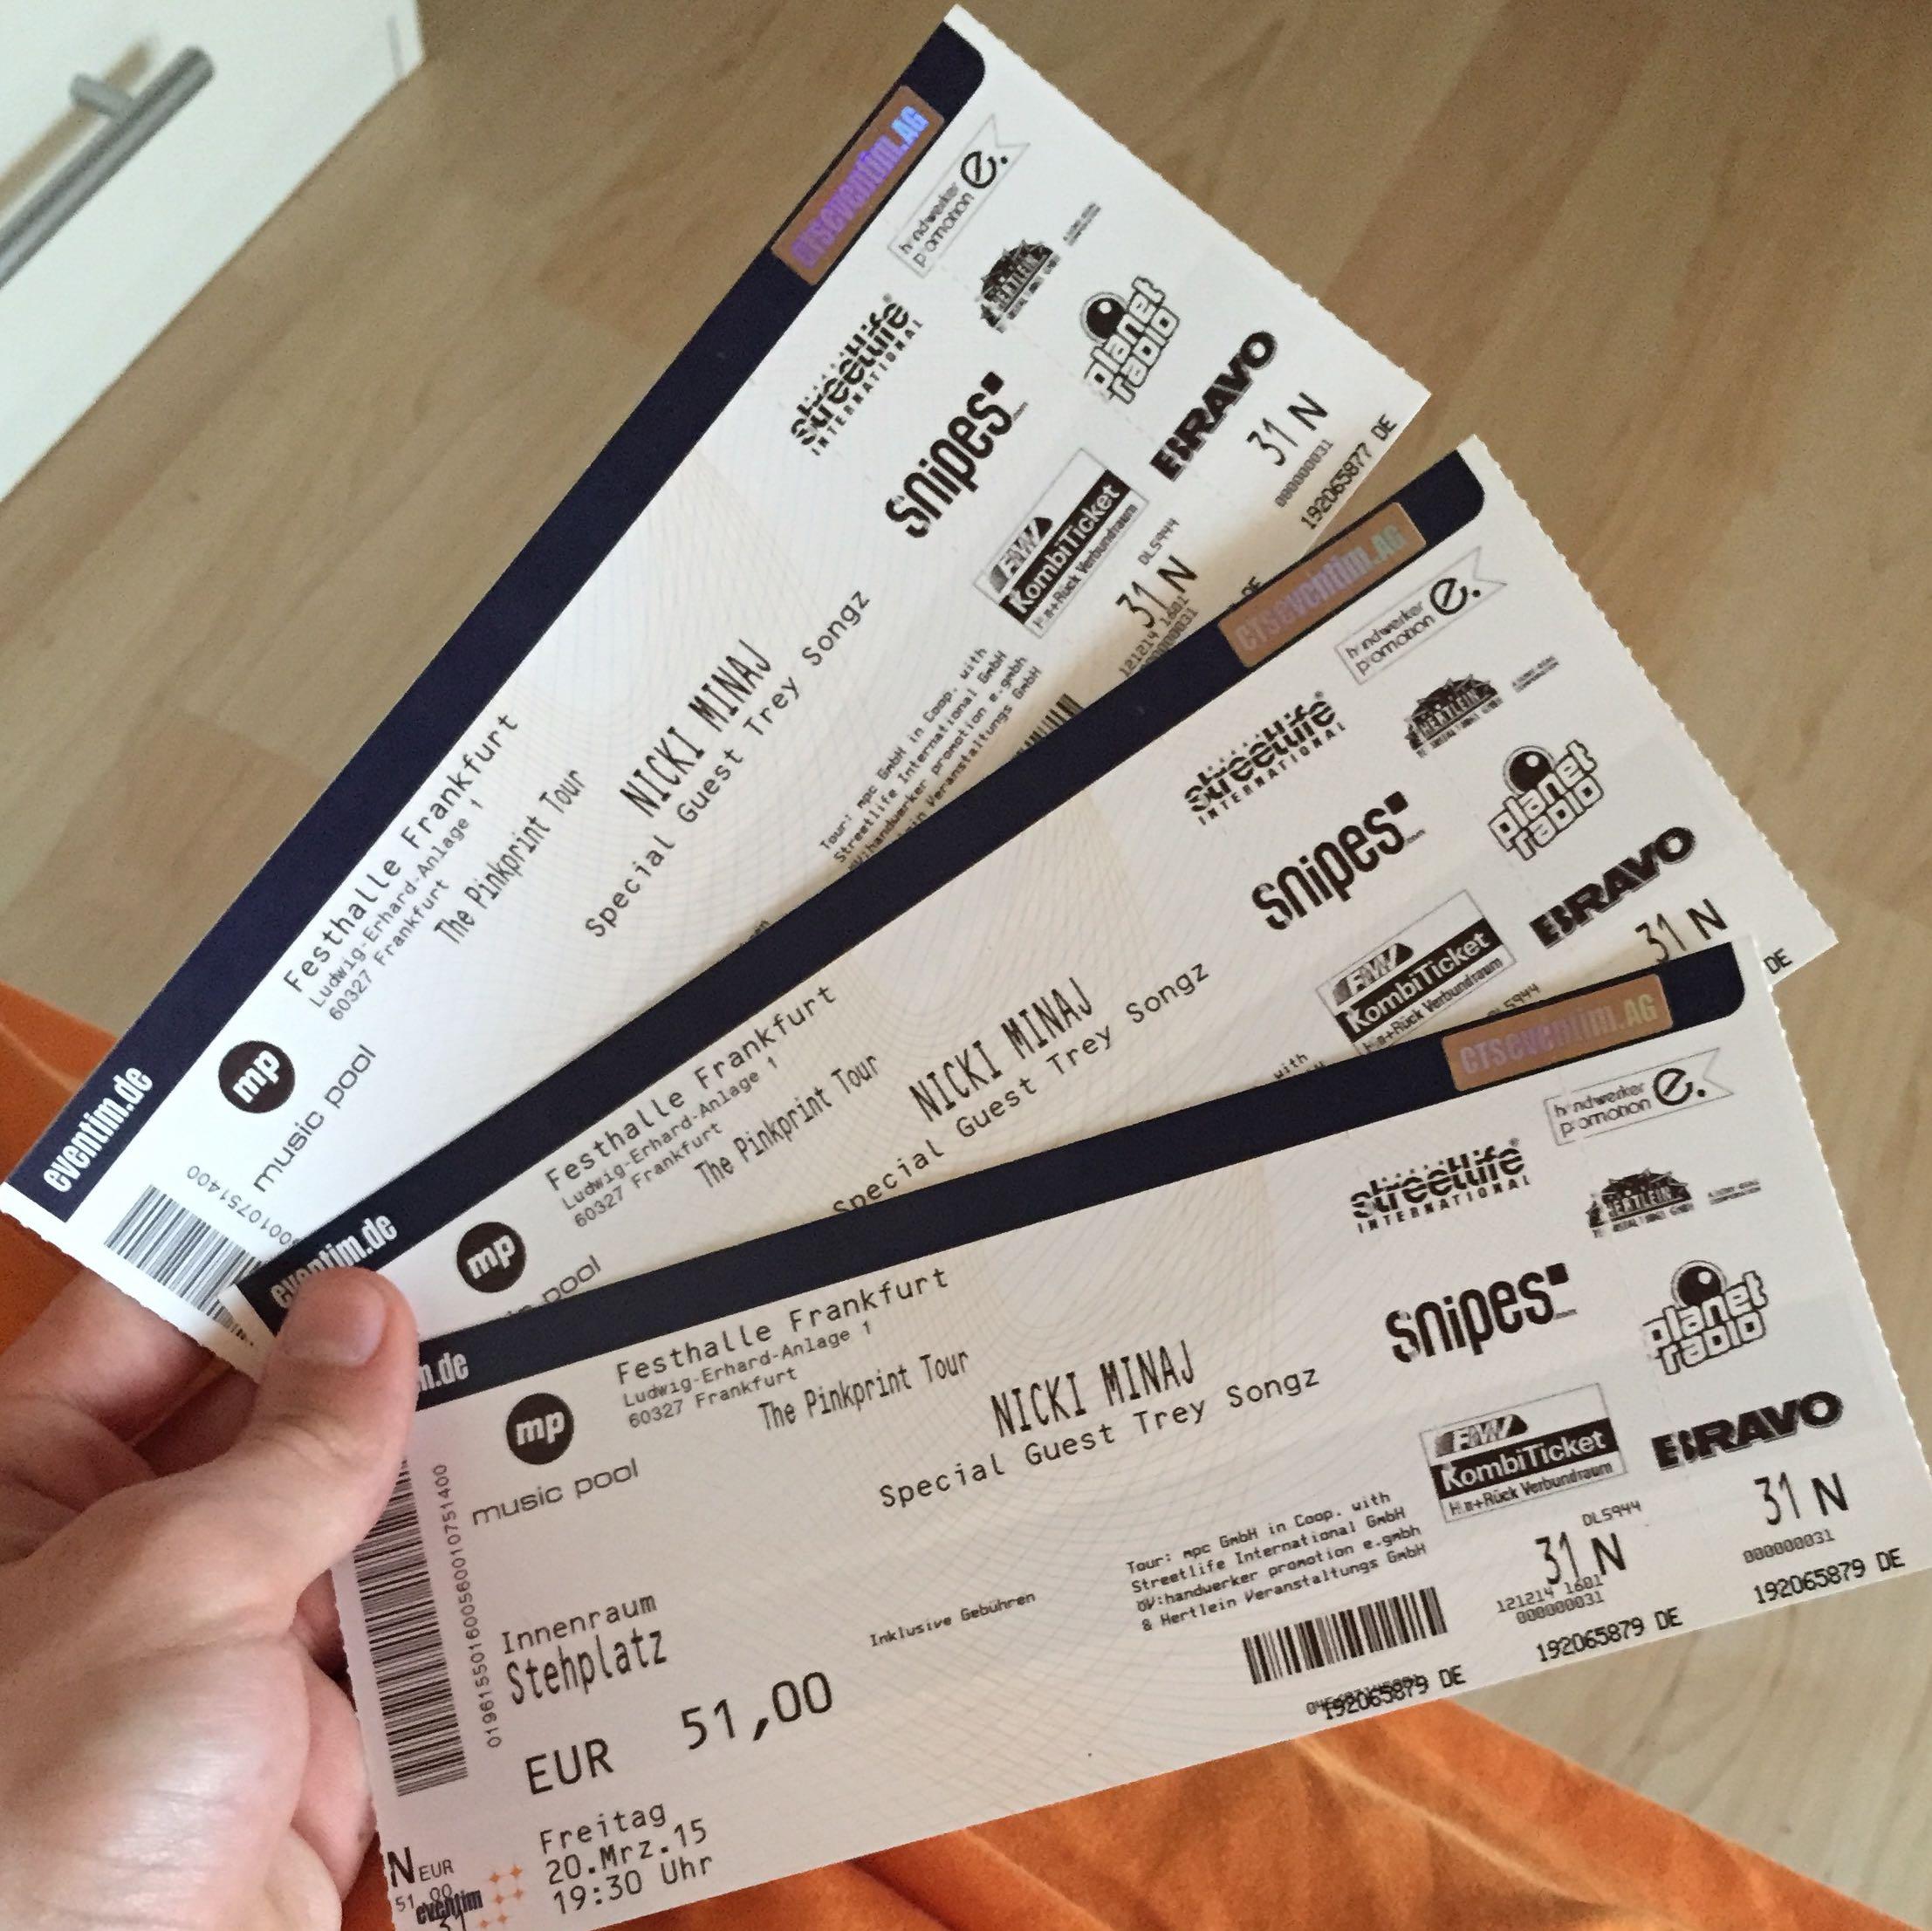 Sind Diese Nicki Minaj Eventim Tickets Original? (Ticket